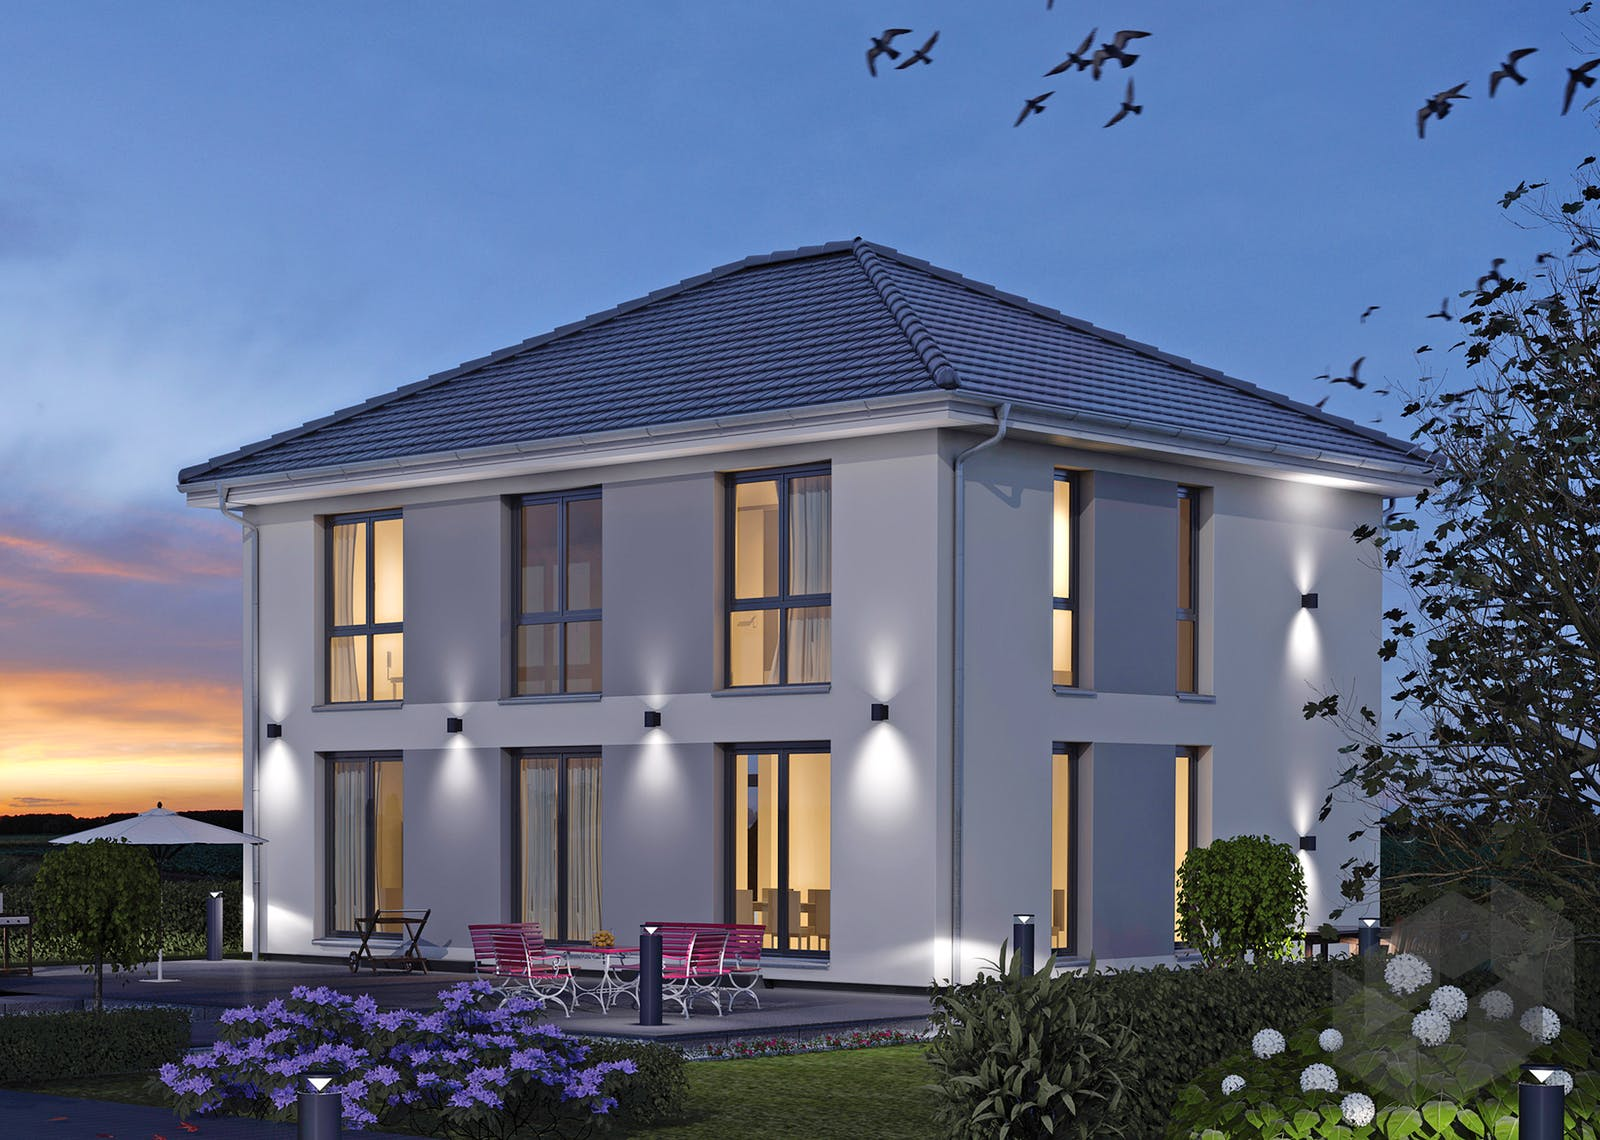 Einfamilienhaus Concept 3.0 S von Ein SteinHaus | Fertighaus.de